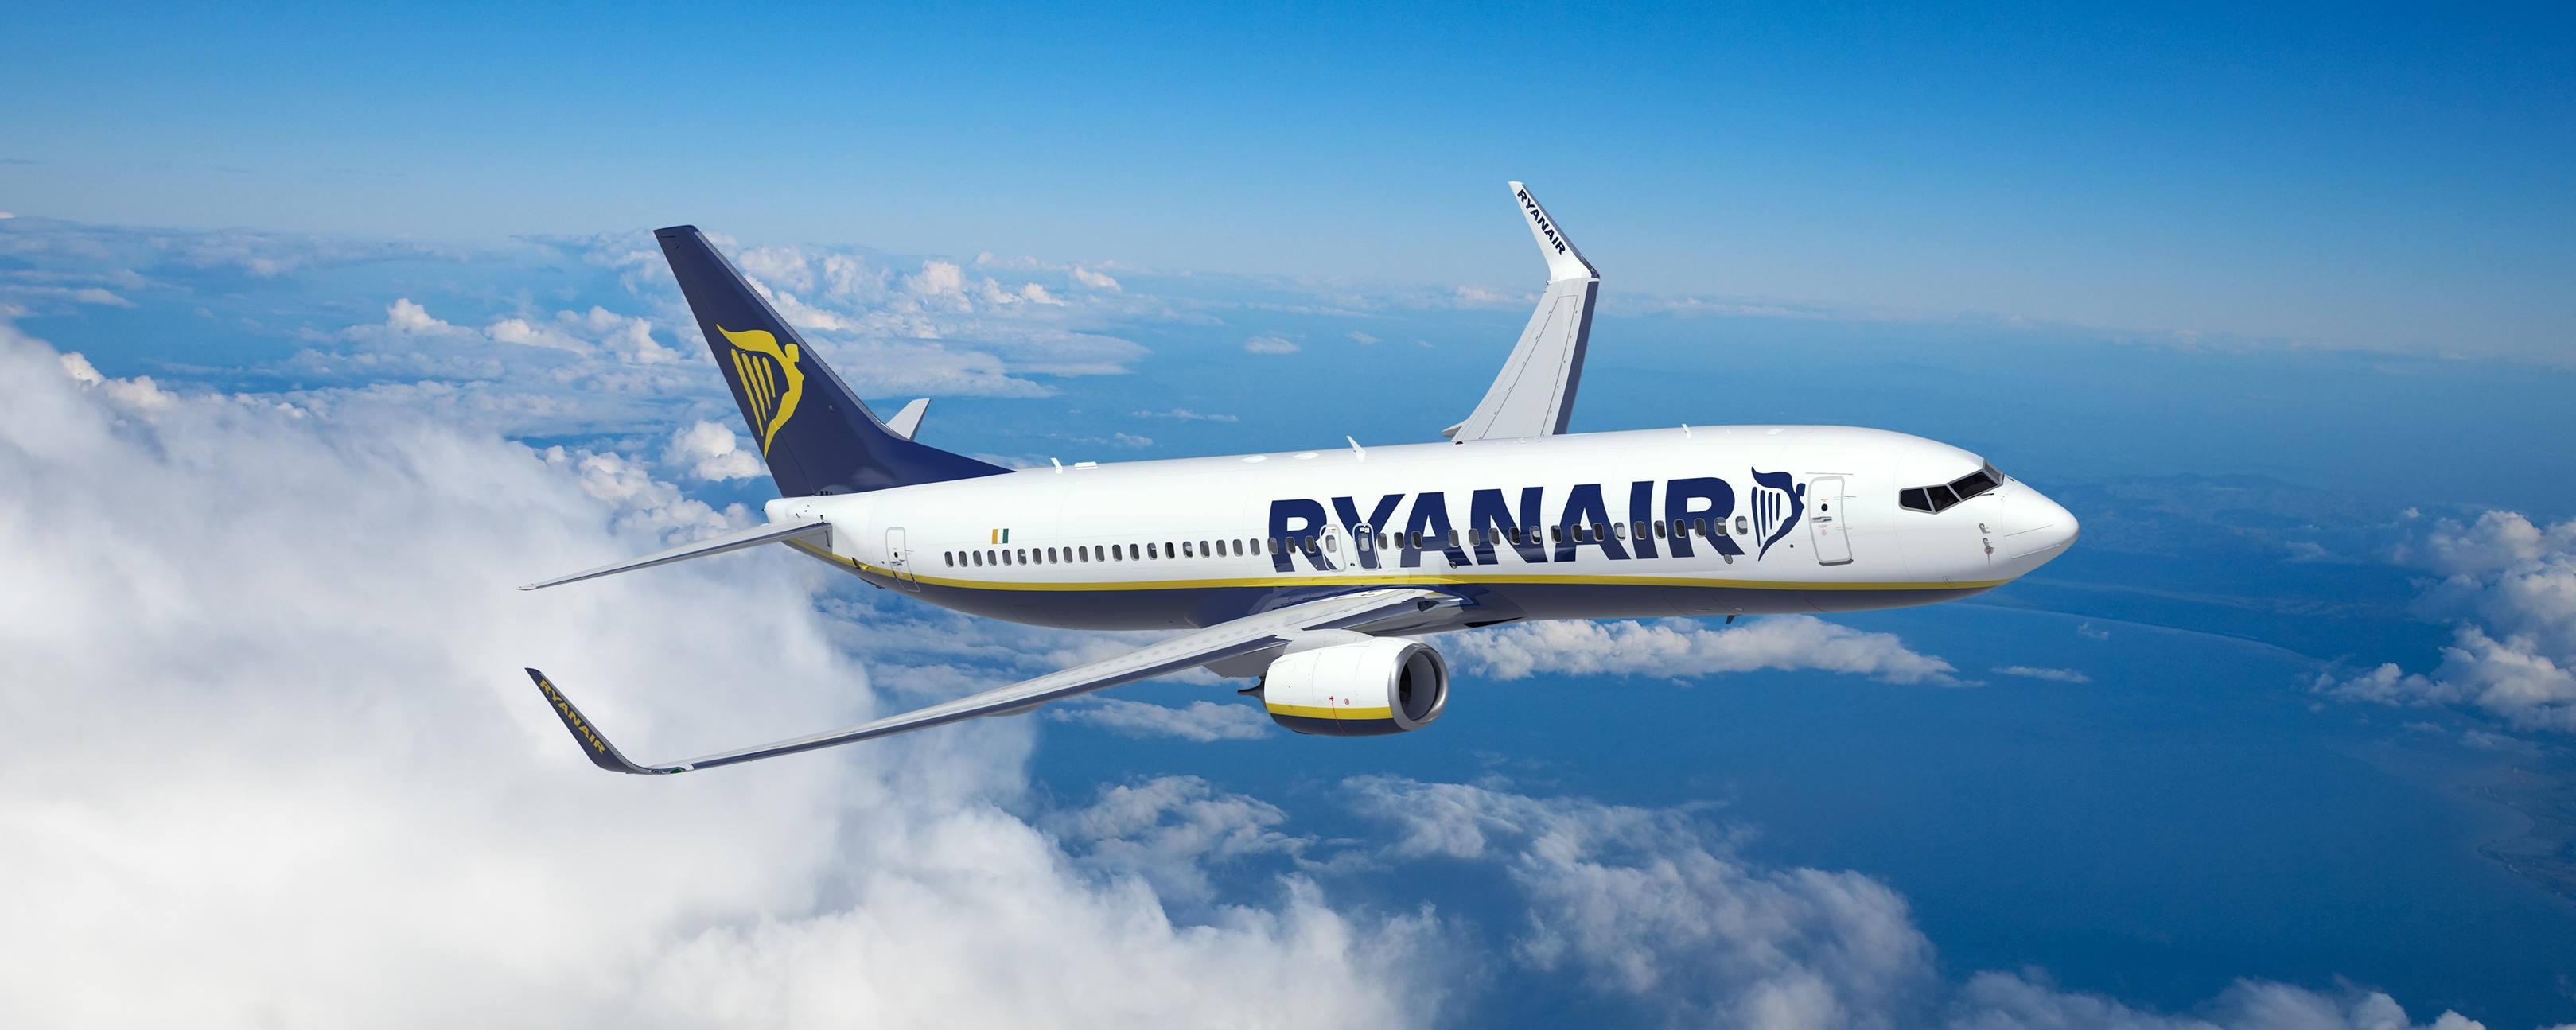 Ryanair viaggio da incubo